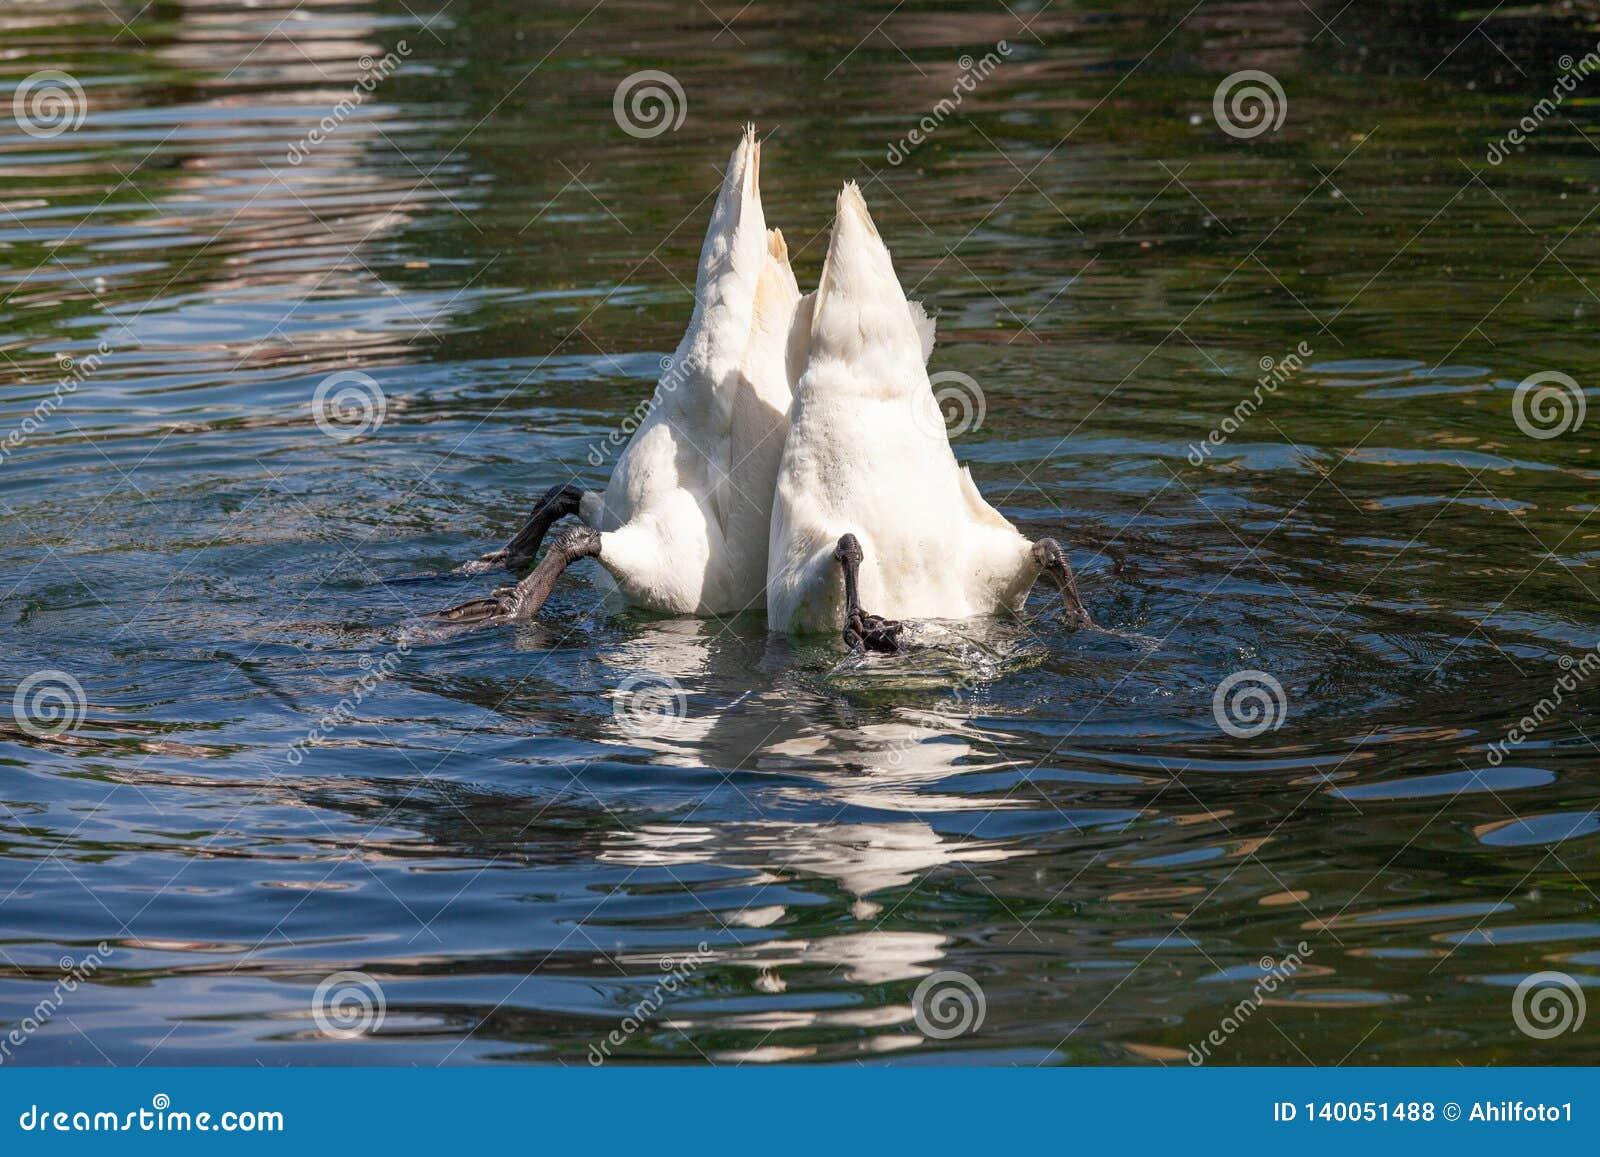 Duas cisnes brancas para colar suas caudas fora da água